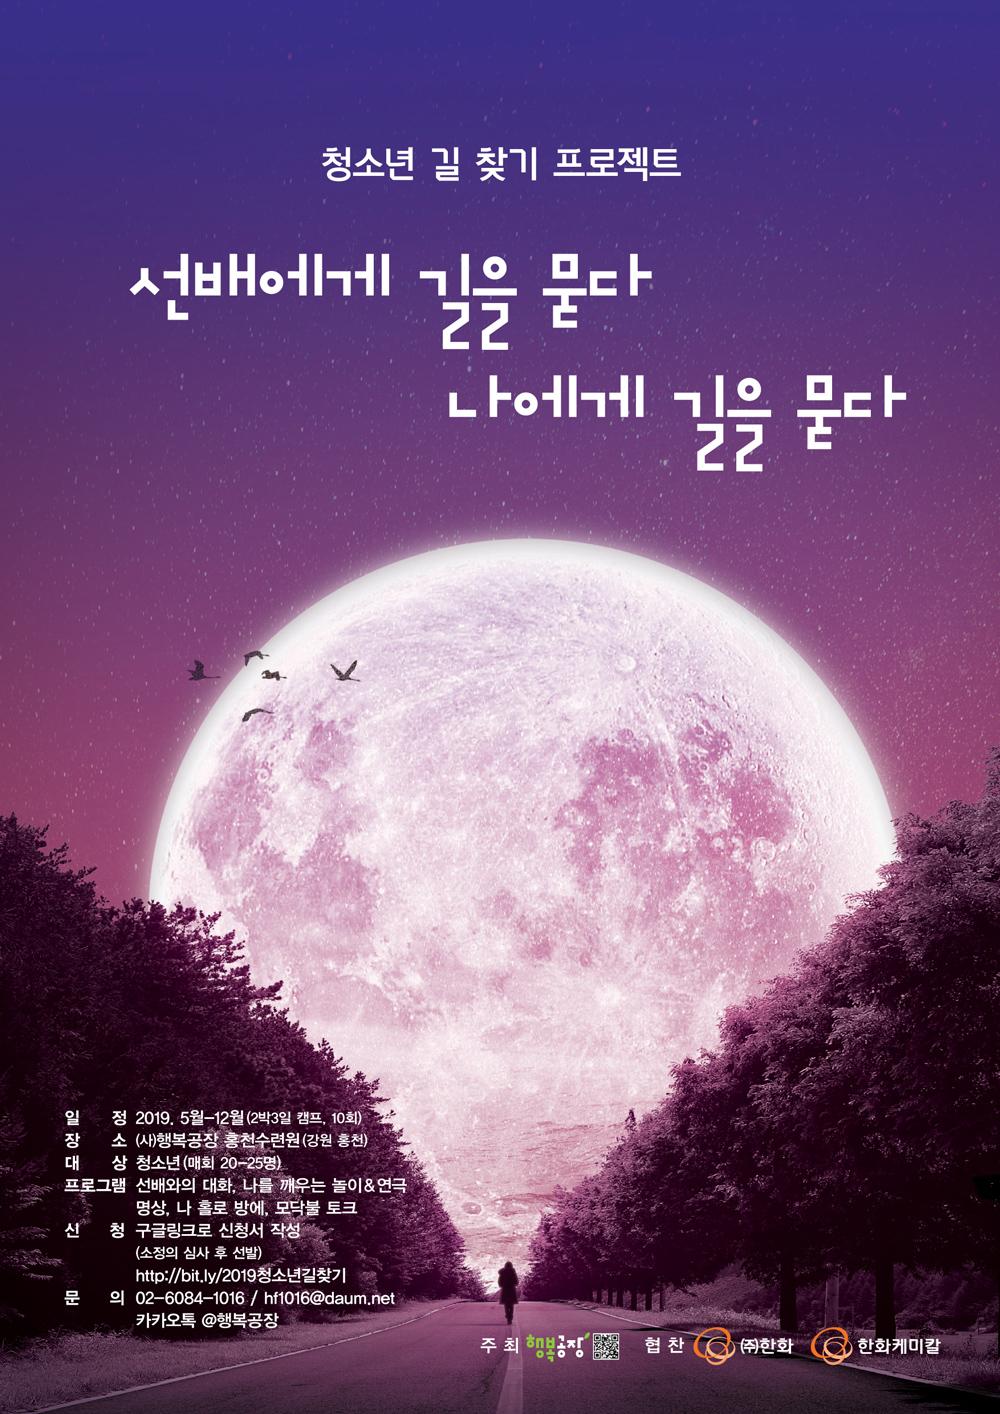 별첨2. 길찾기포스터(2).jpg